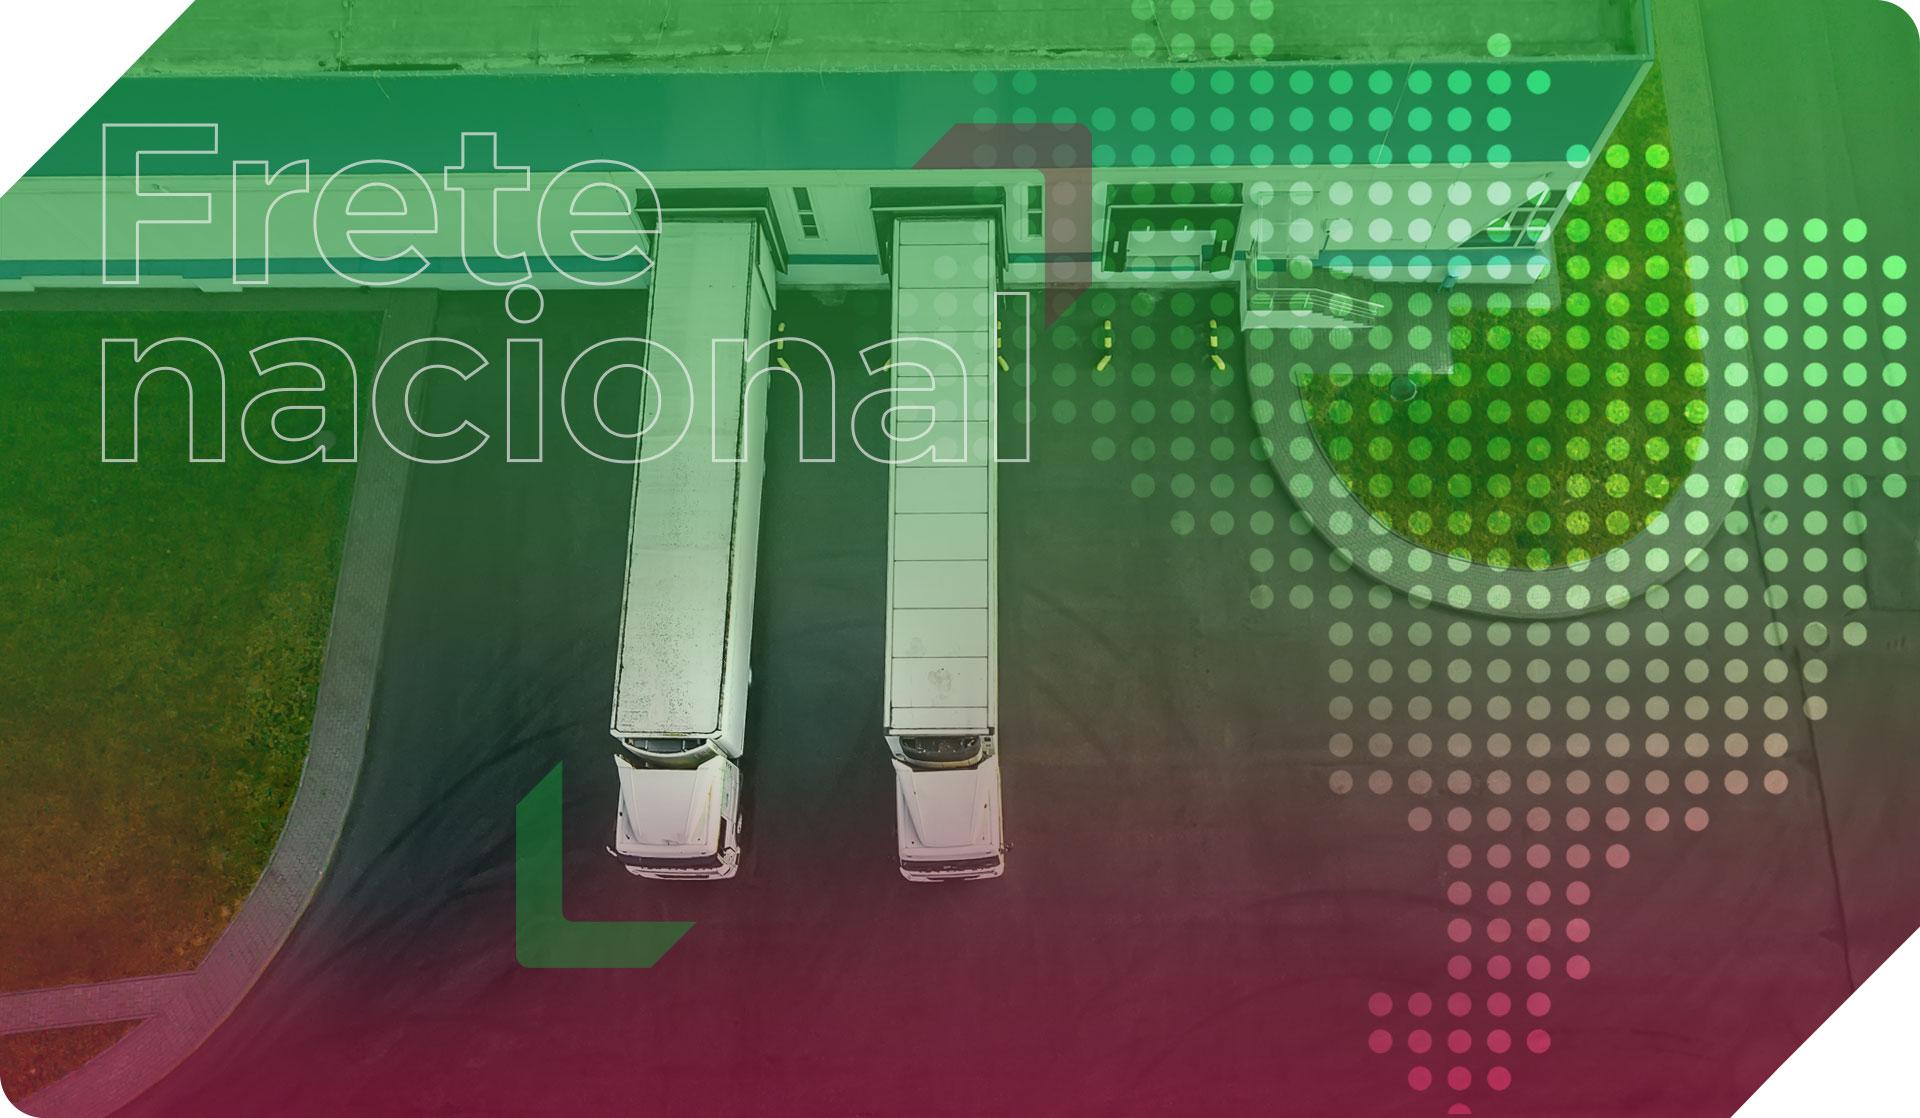 pm-logistica-integrada-frete-nacional.jpg